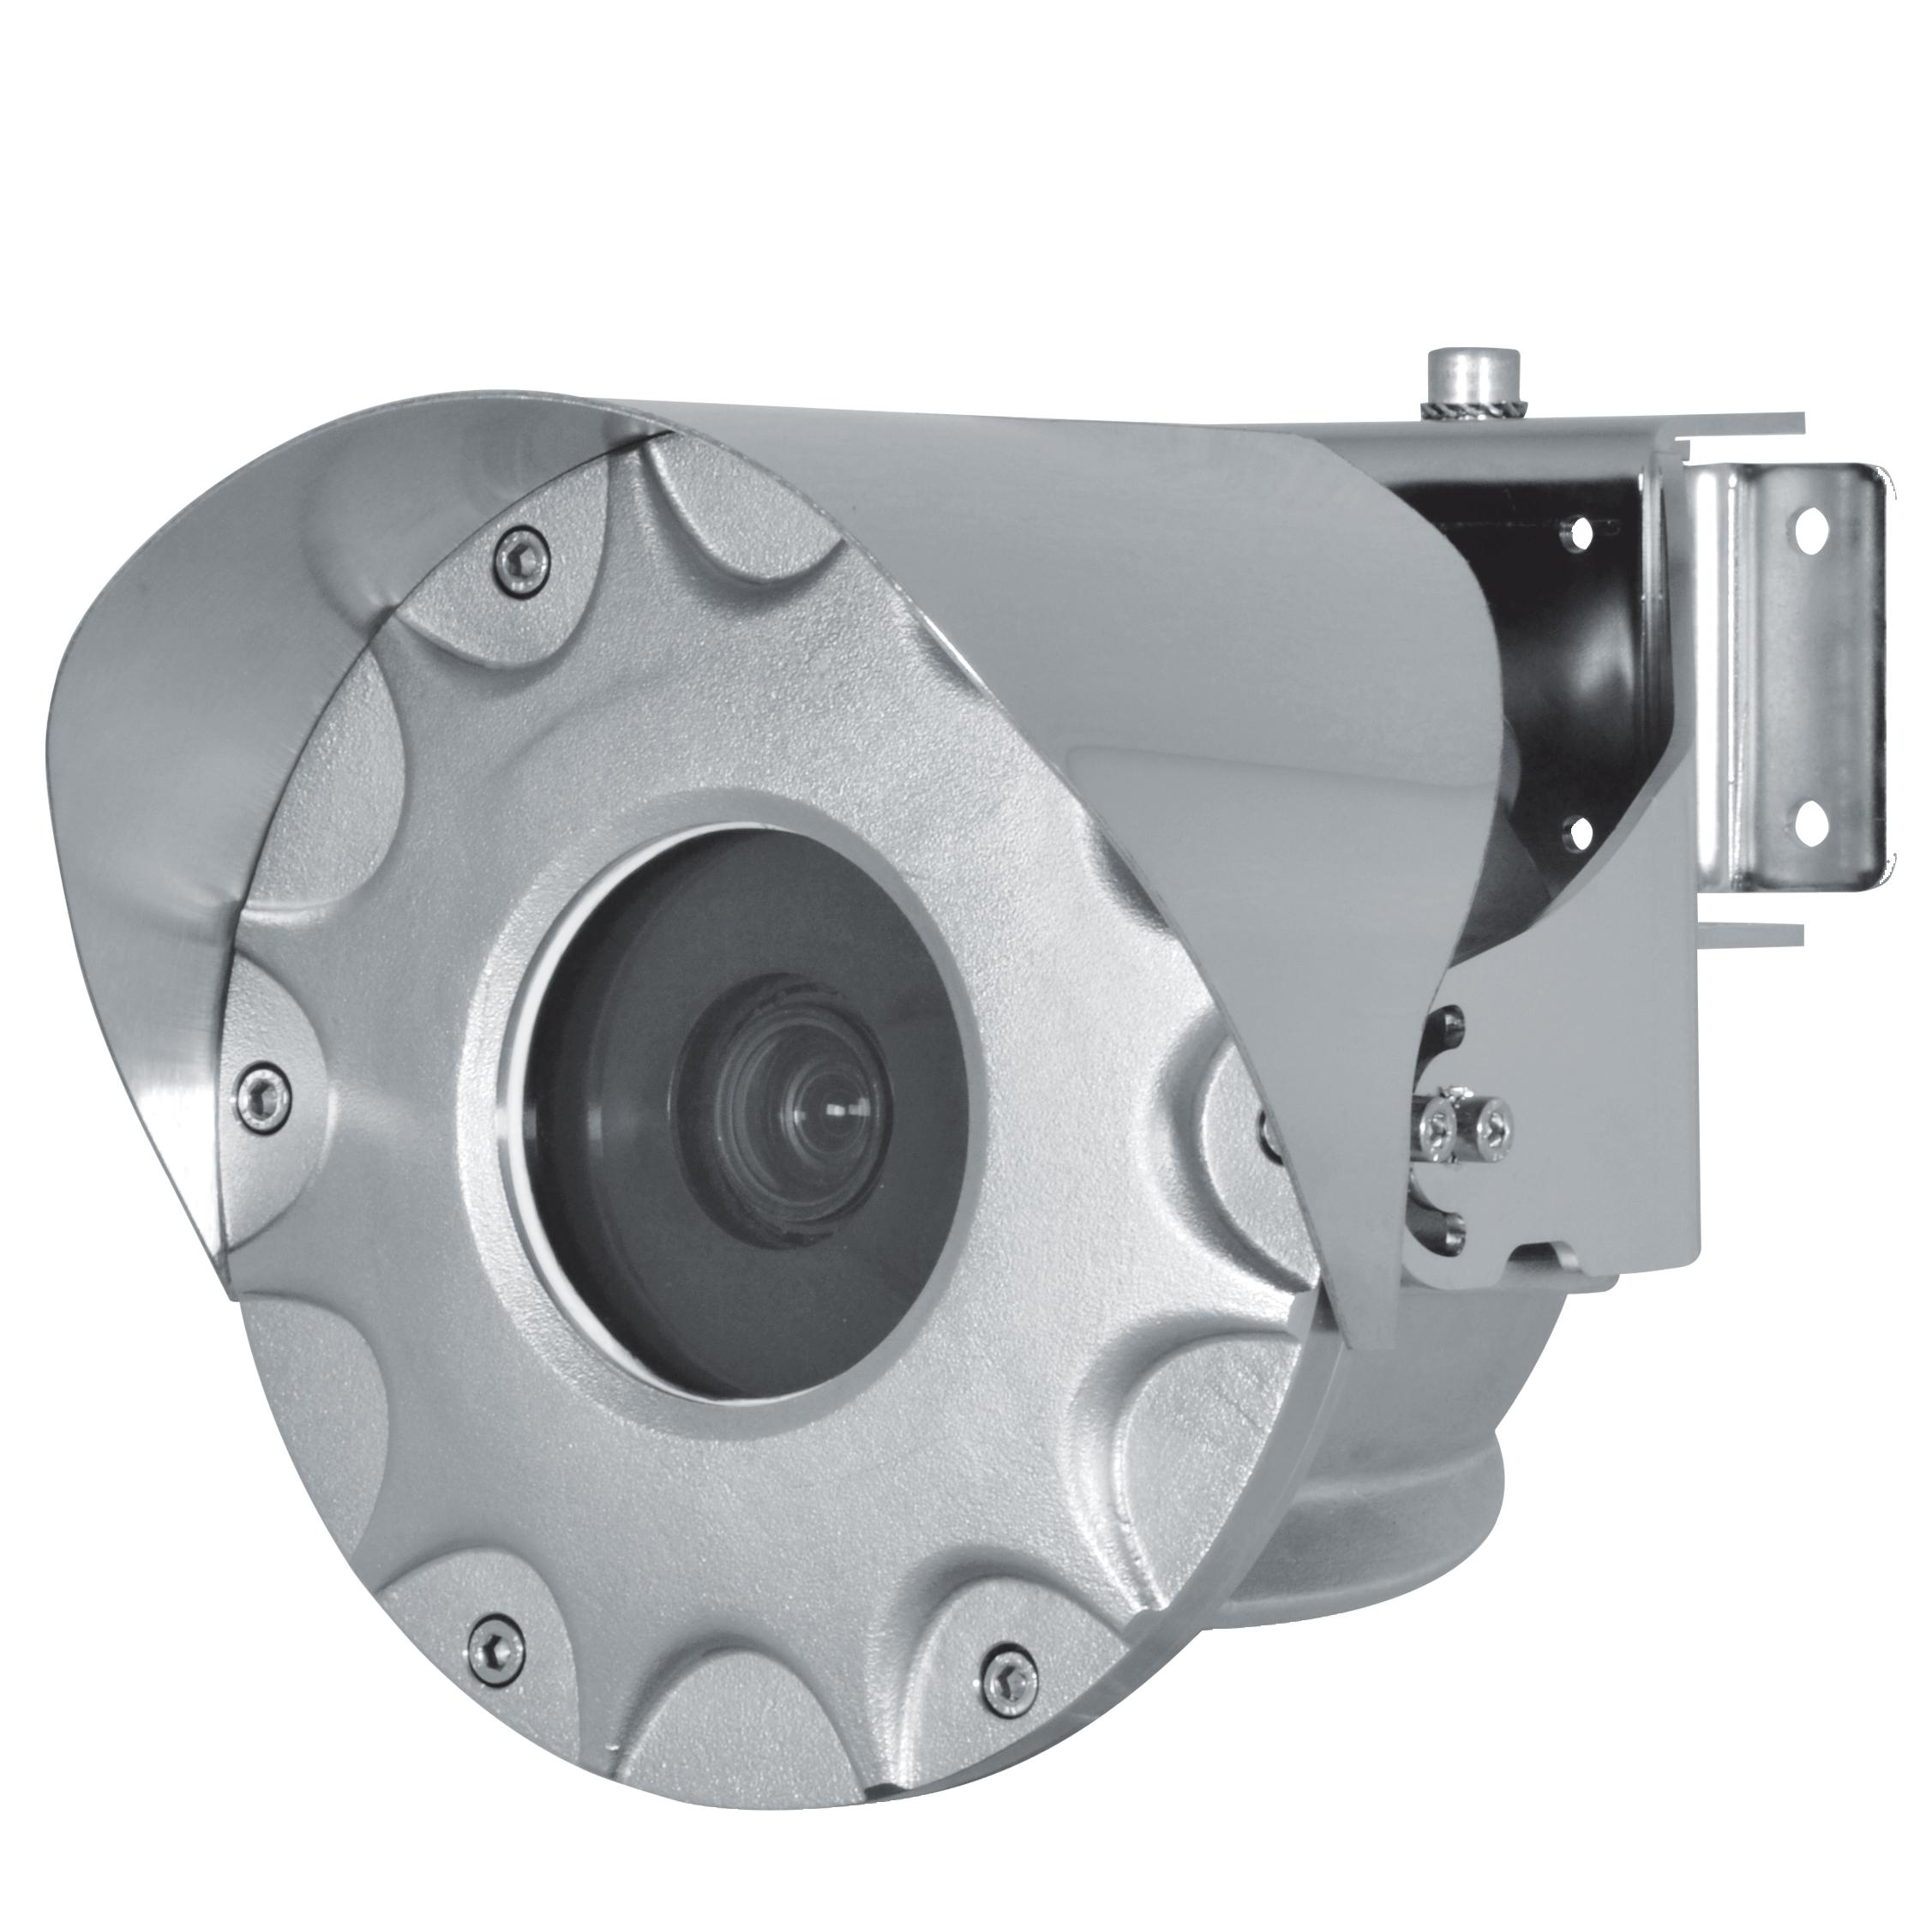 Visuel de la caméra MAXIMUS issue de la gamme de caméras de surveillance produites par Videotec et distribuées par SIPPRO Solutions IP Protection en France.